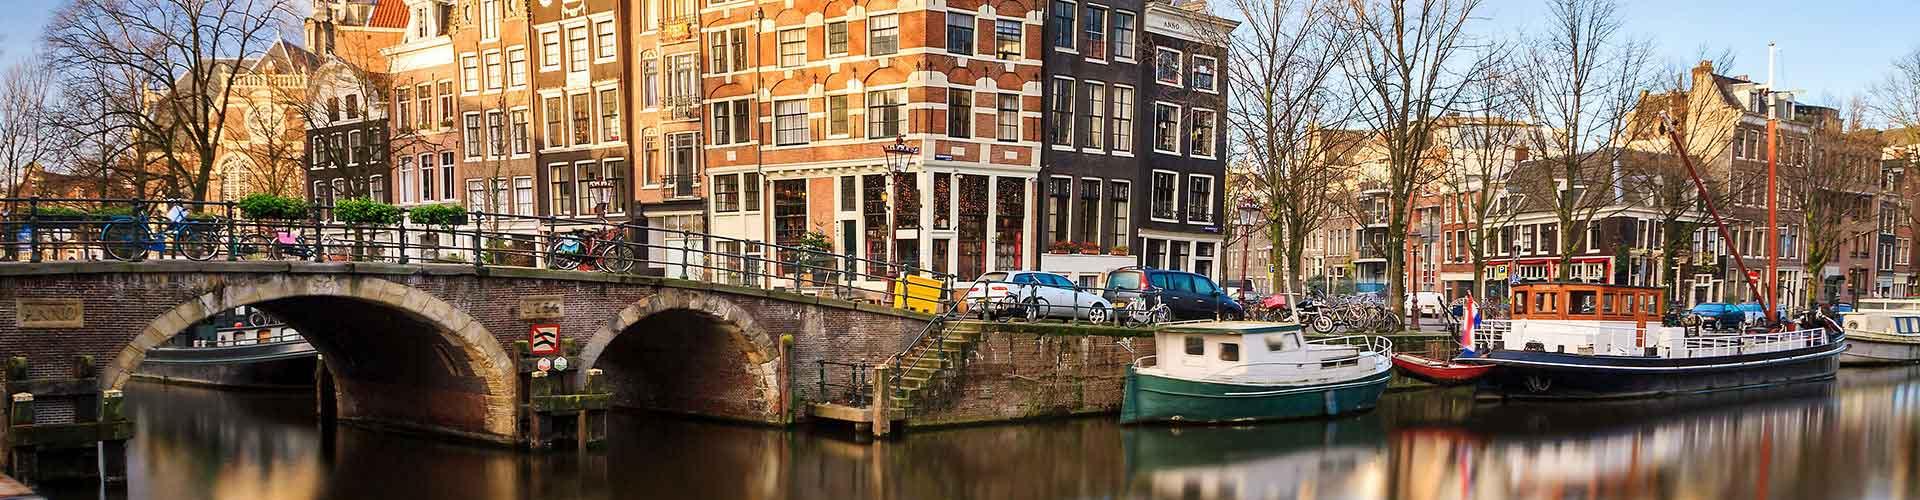 Amsterdam - Albergues en Amsterdam. Mapas de Amsterdam, Fotos y Comentarios para cada Albergue en Amsterdam.